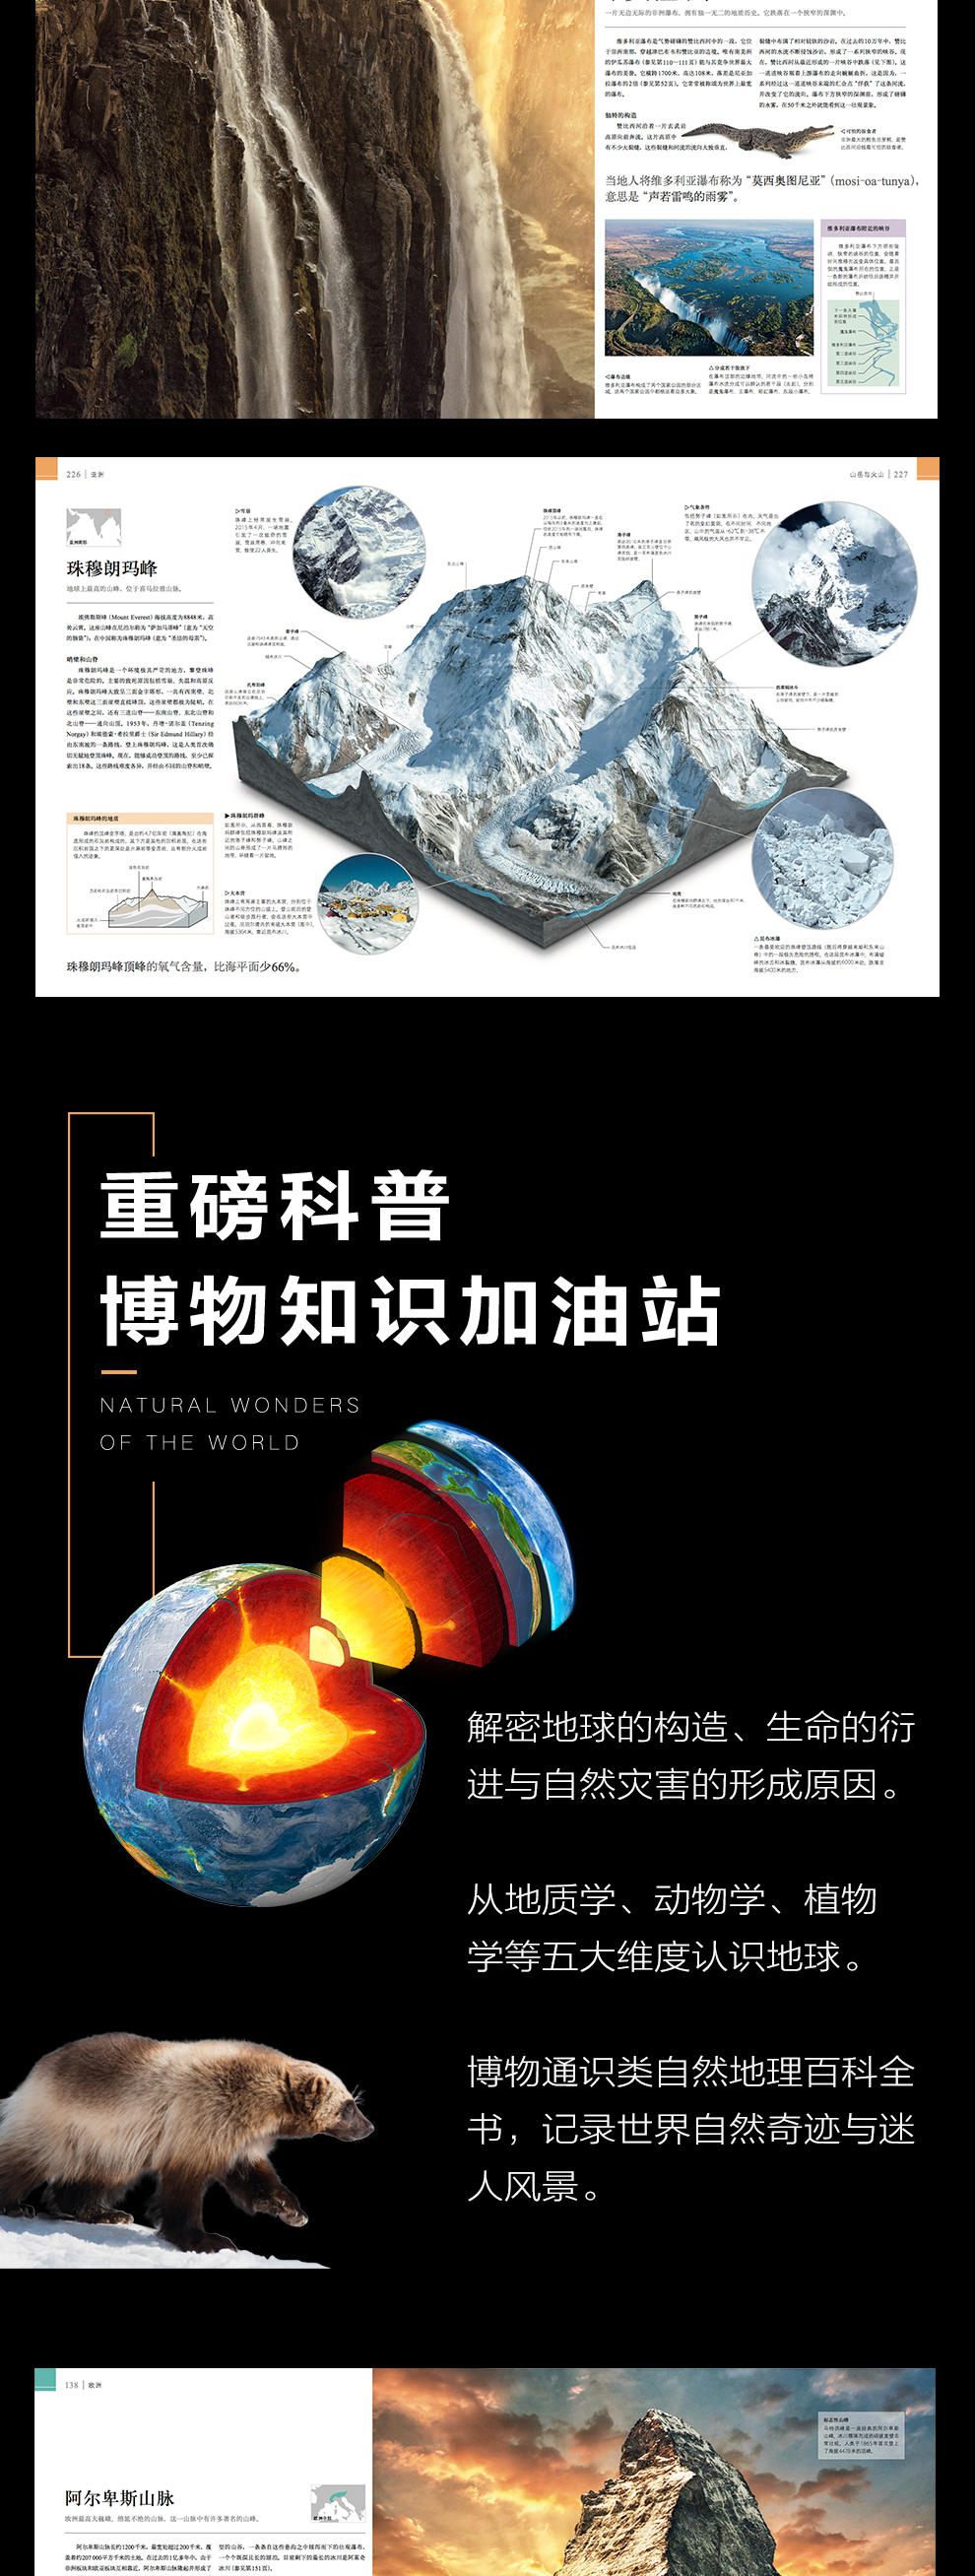 《DK全球自然奇观全探索》预售_03.jpg